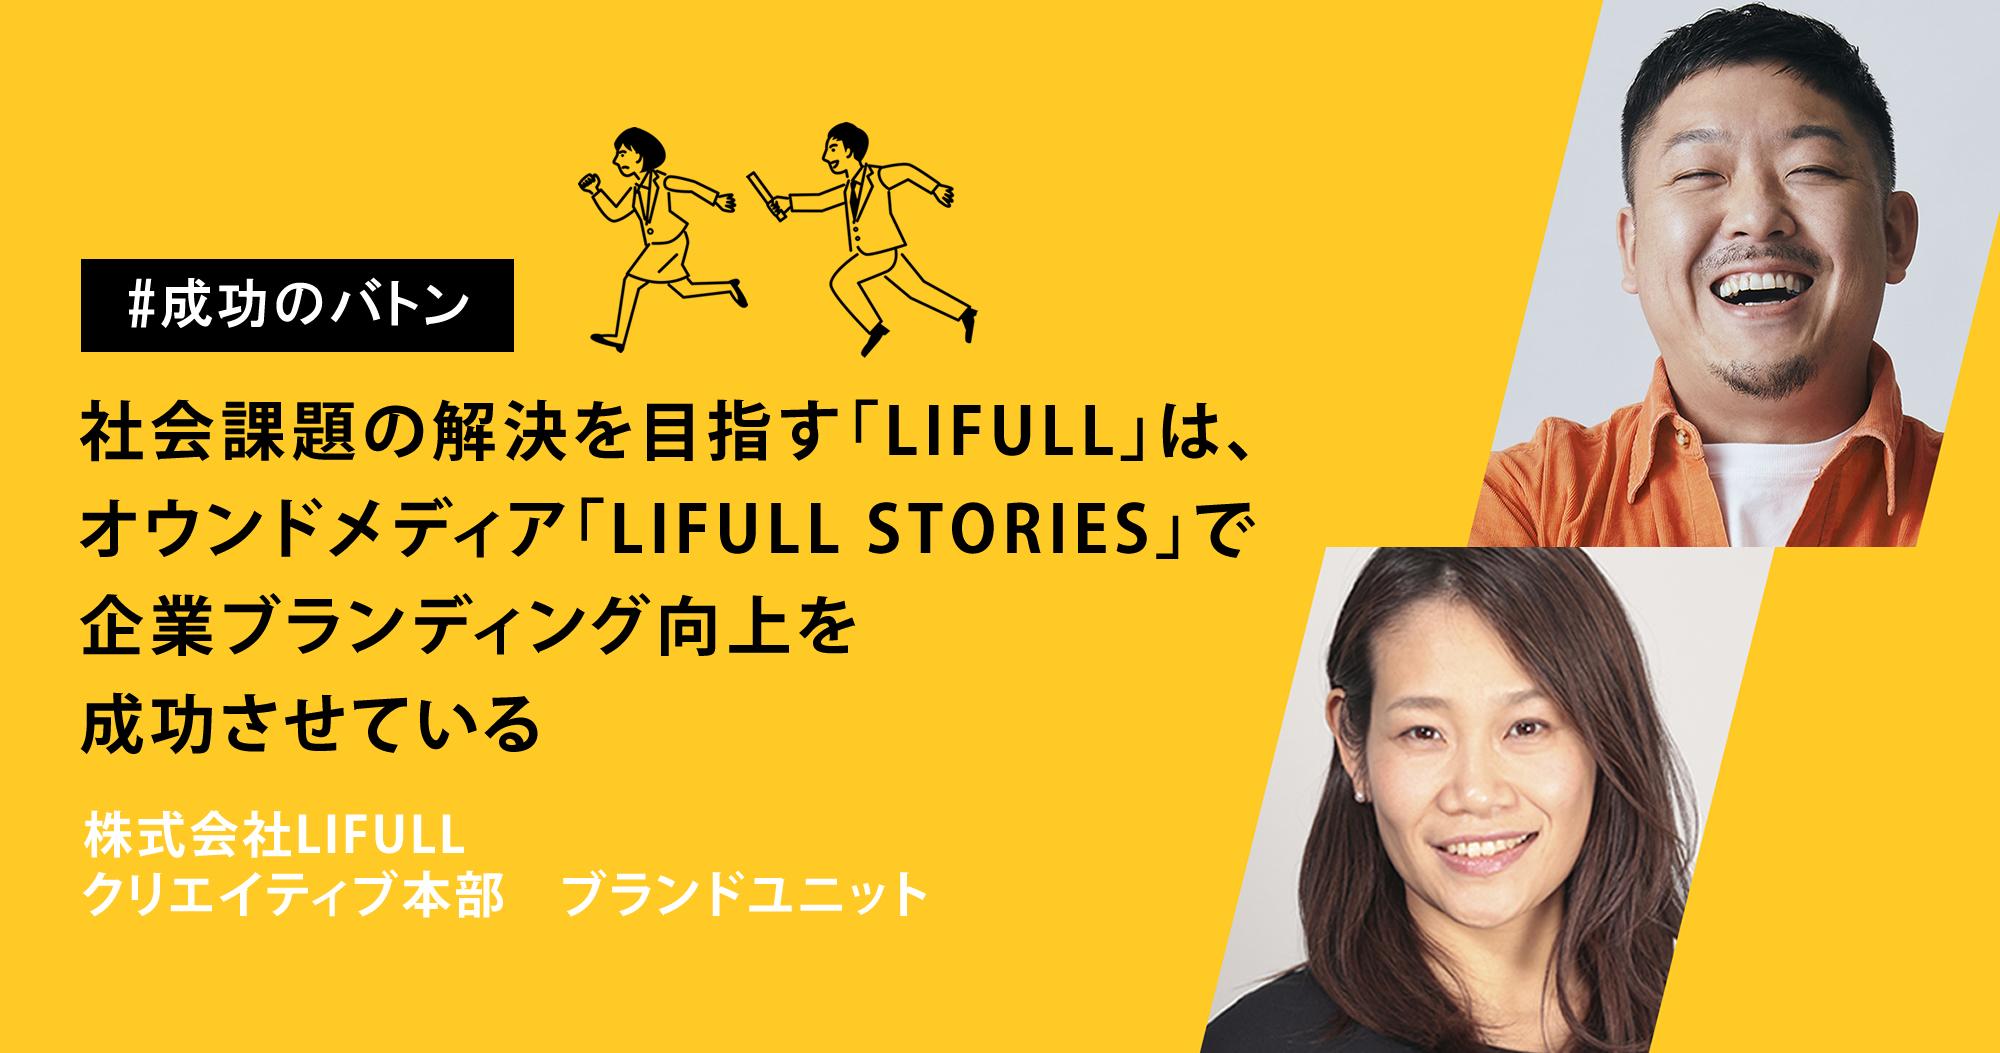 【#成功のバトン】社会課題の解決を目指す「LIFULL(ライフル)」は、オウンドメディア「LIFULL STORIES」で企業ブランディング向上を成功させている